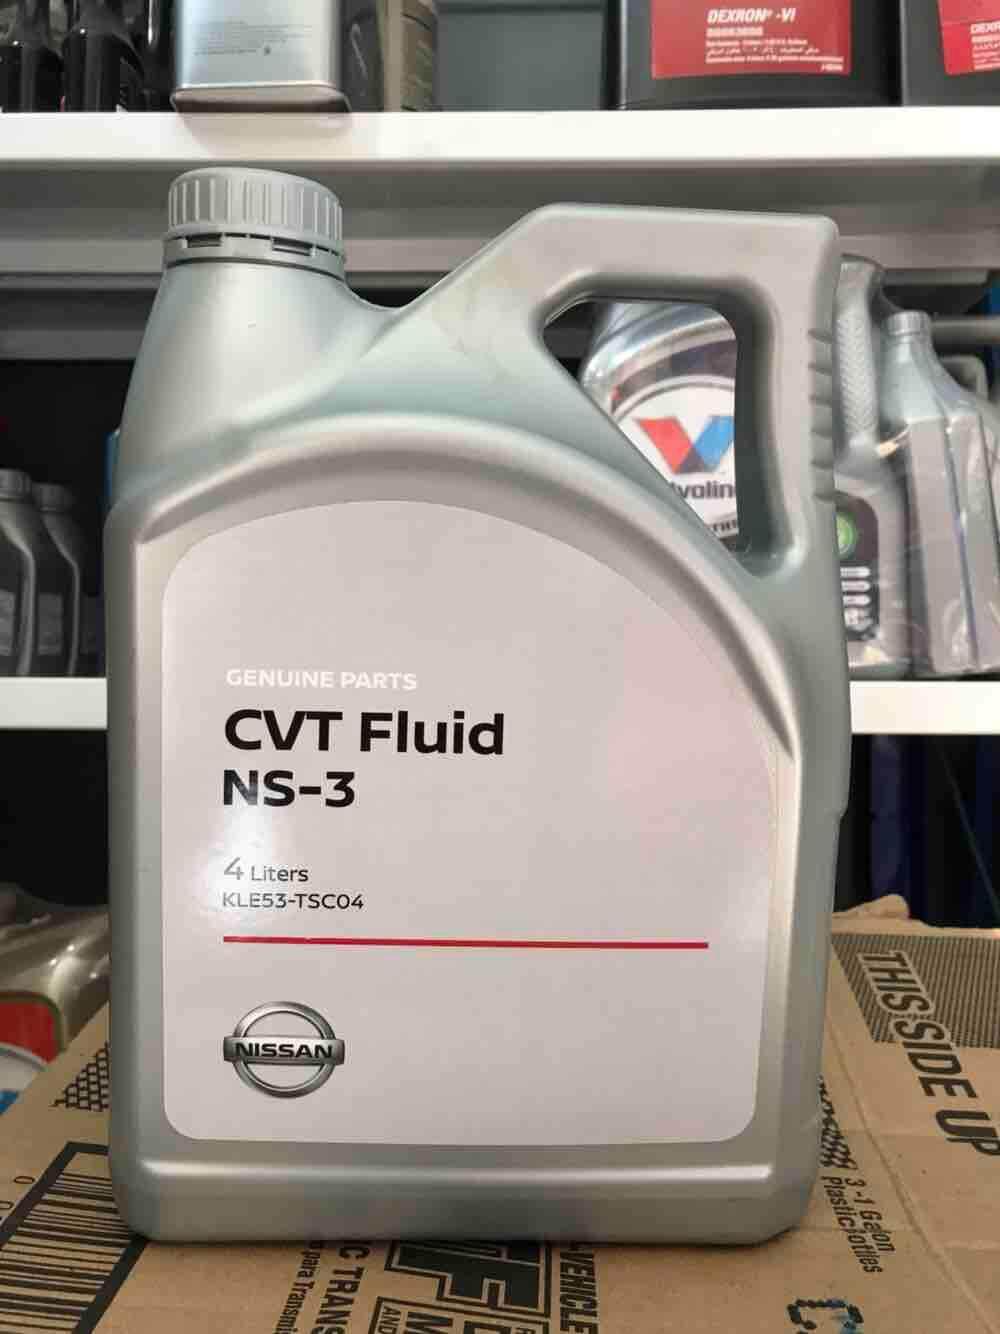 น้ำมันเกียร์ Cvt Nissan Ns-3 แท้ บรรจุ4 ลิตร By Bangnashocku.